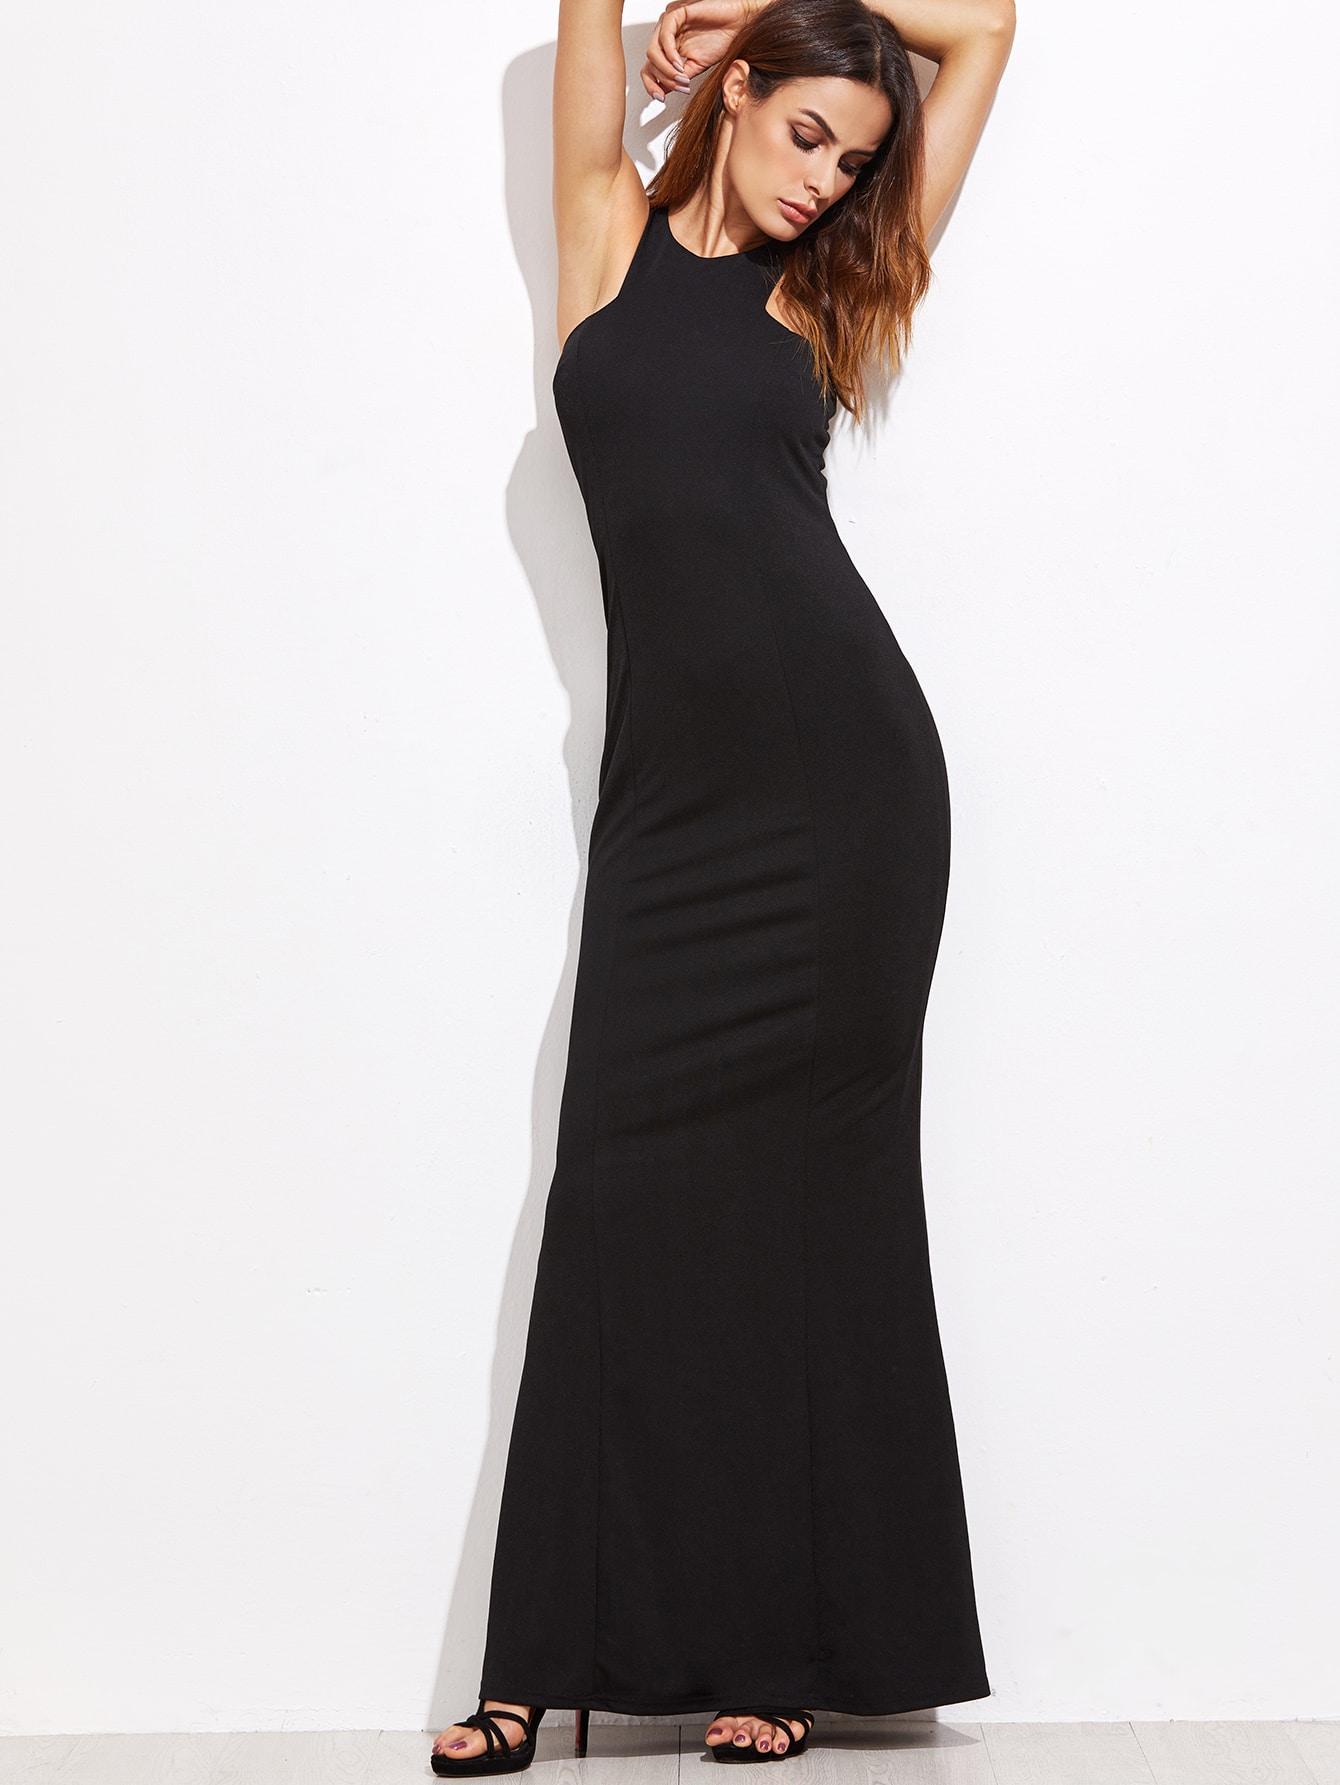 dress161006477_2